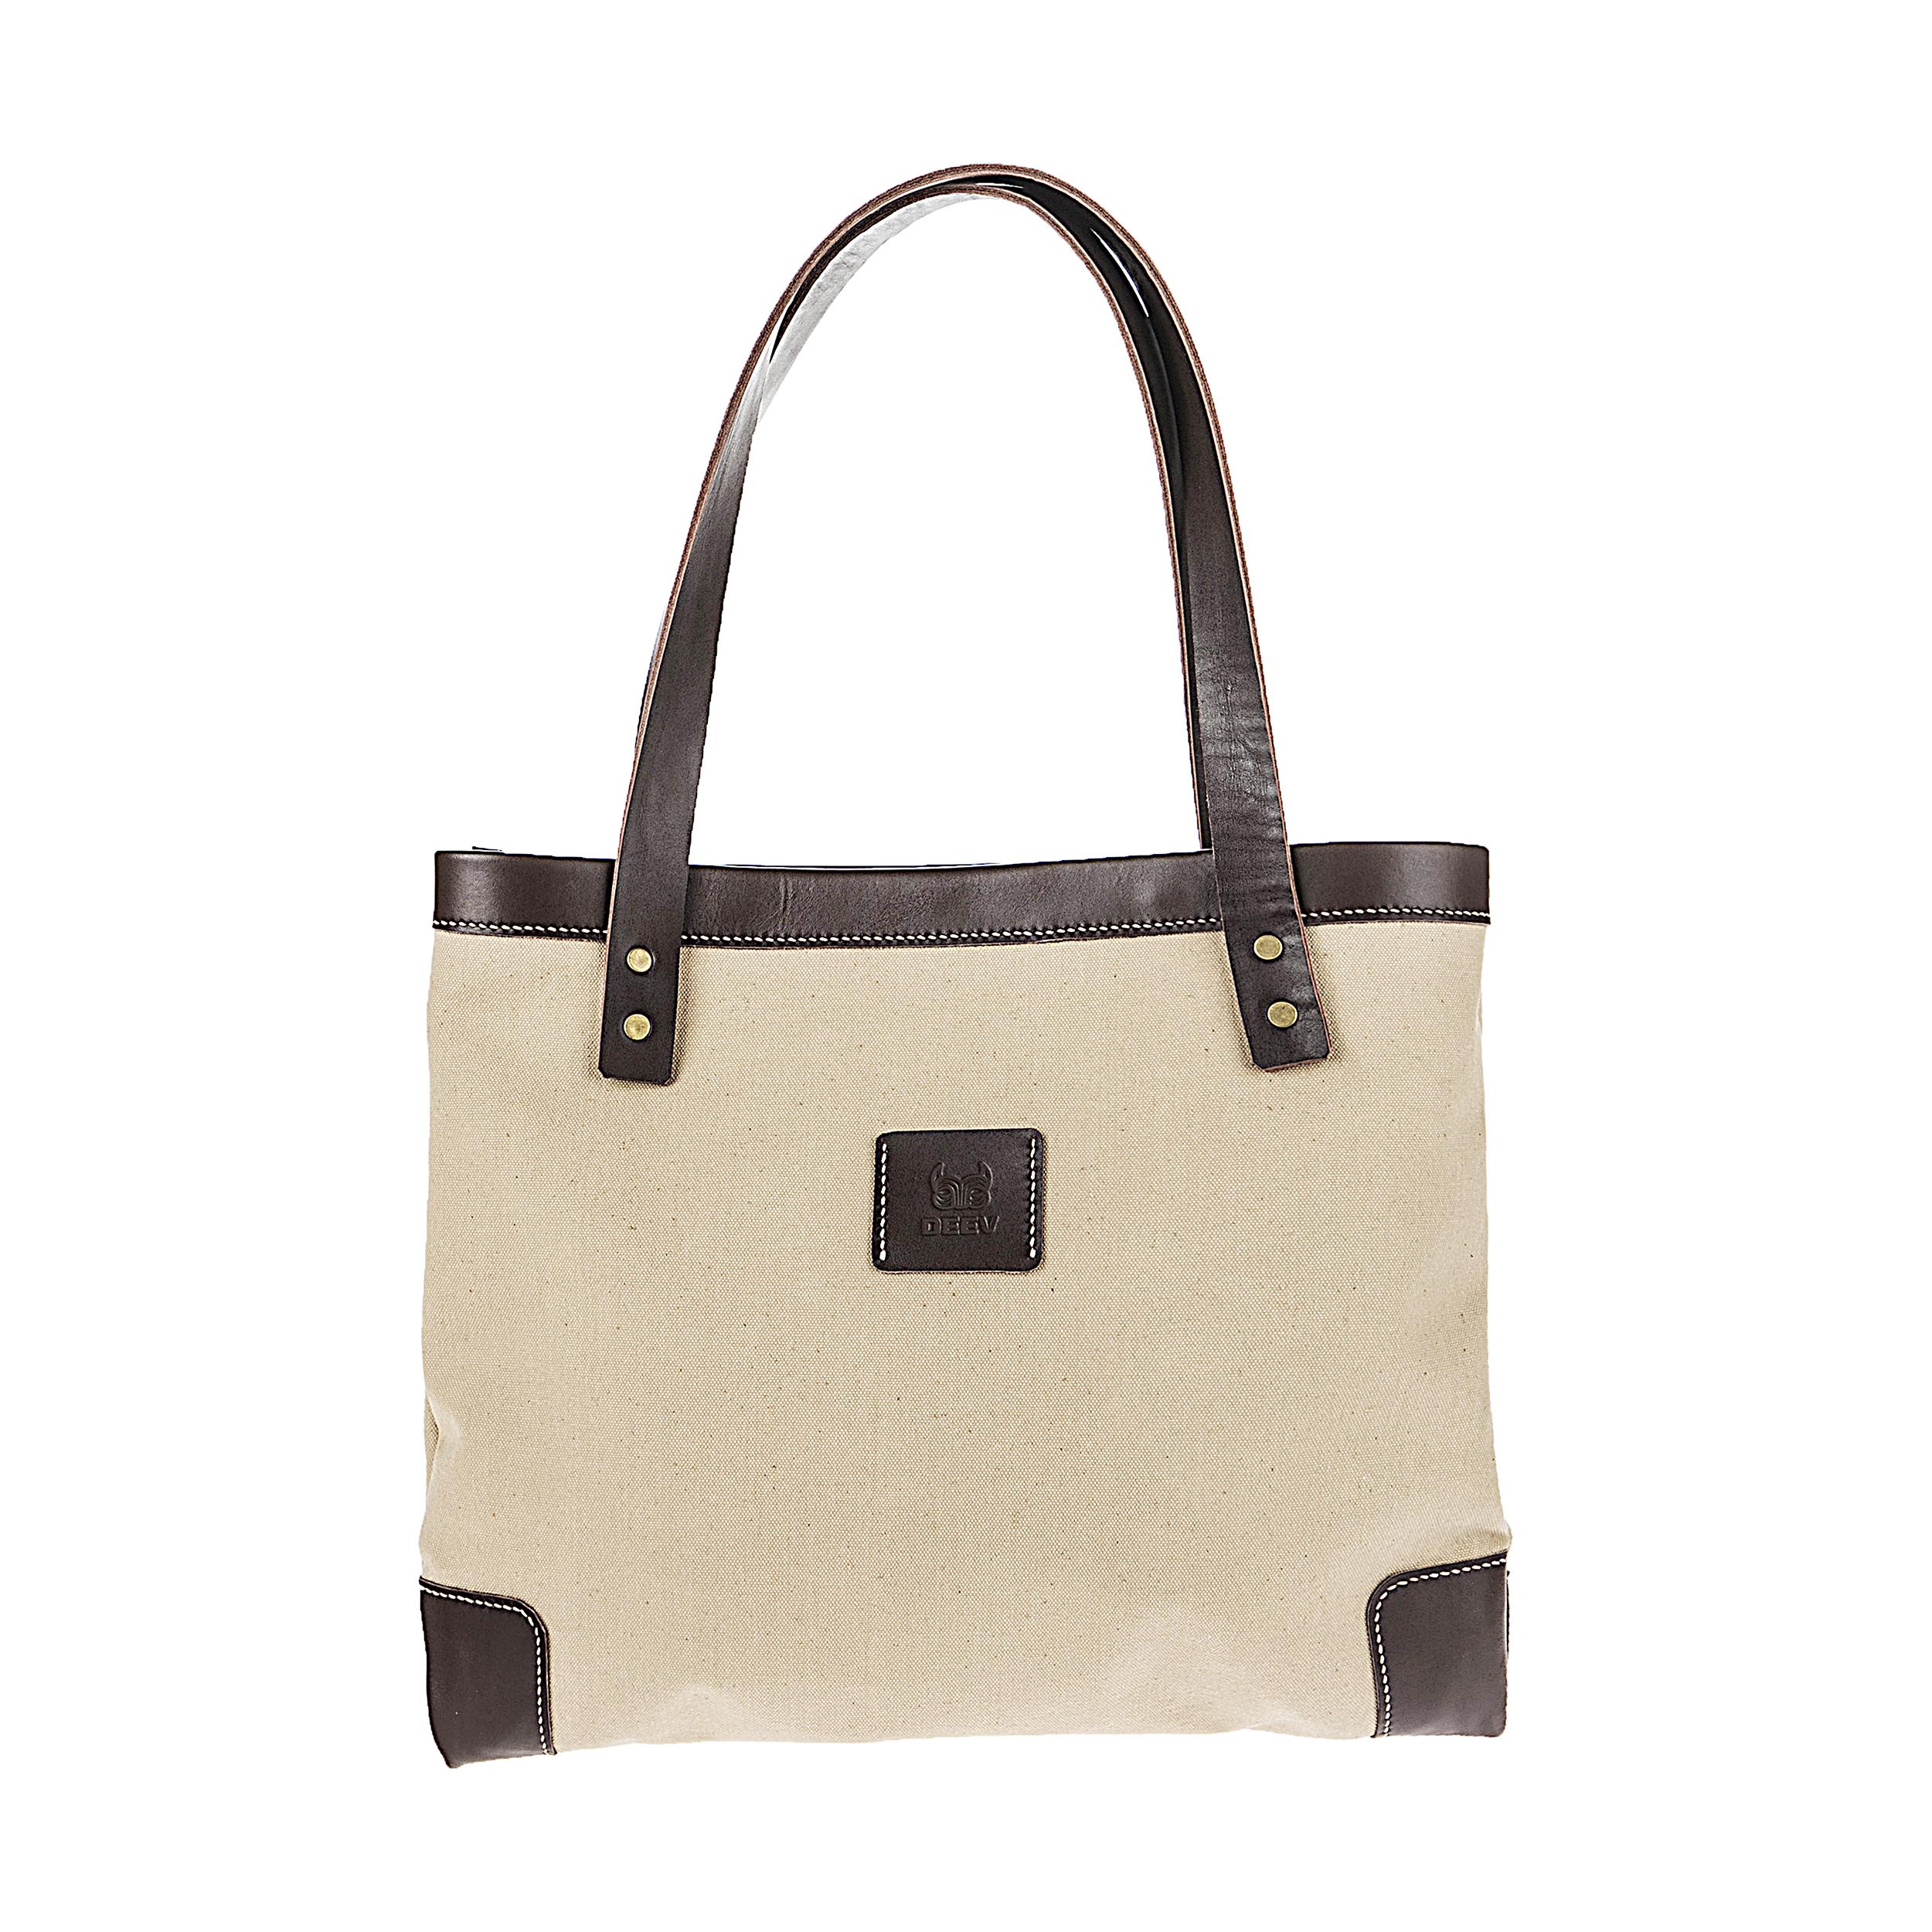 قیمت کیف دوشی زنانه دیو مدل 1573118-1436